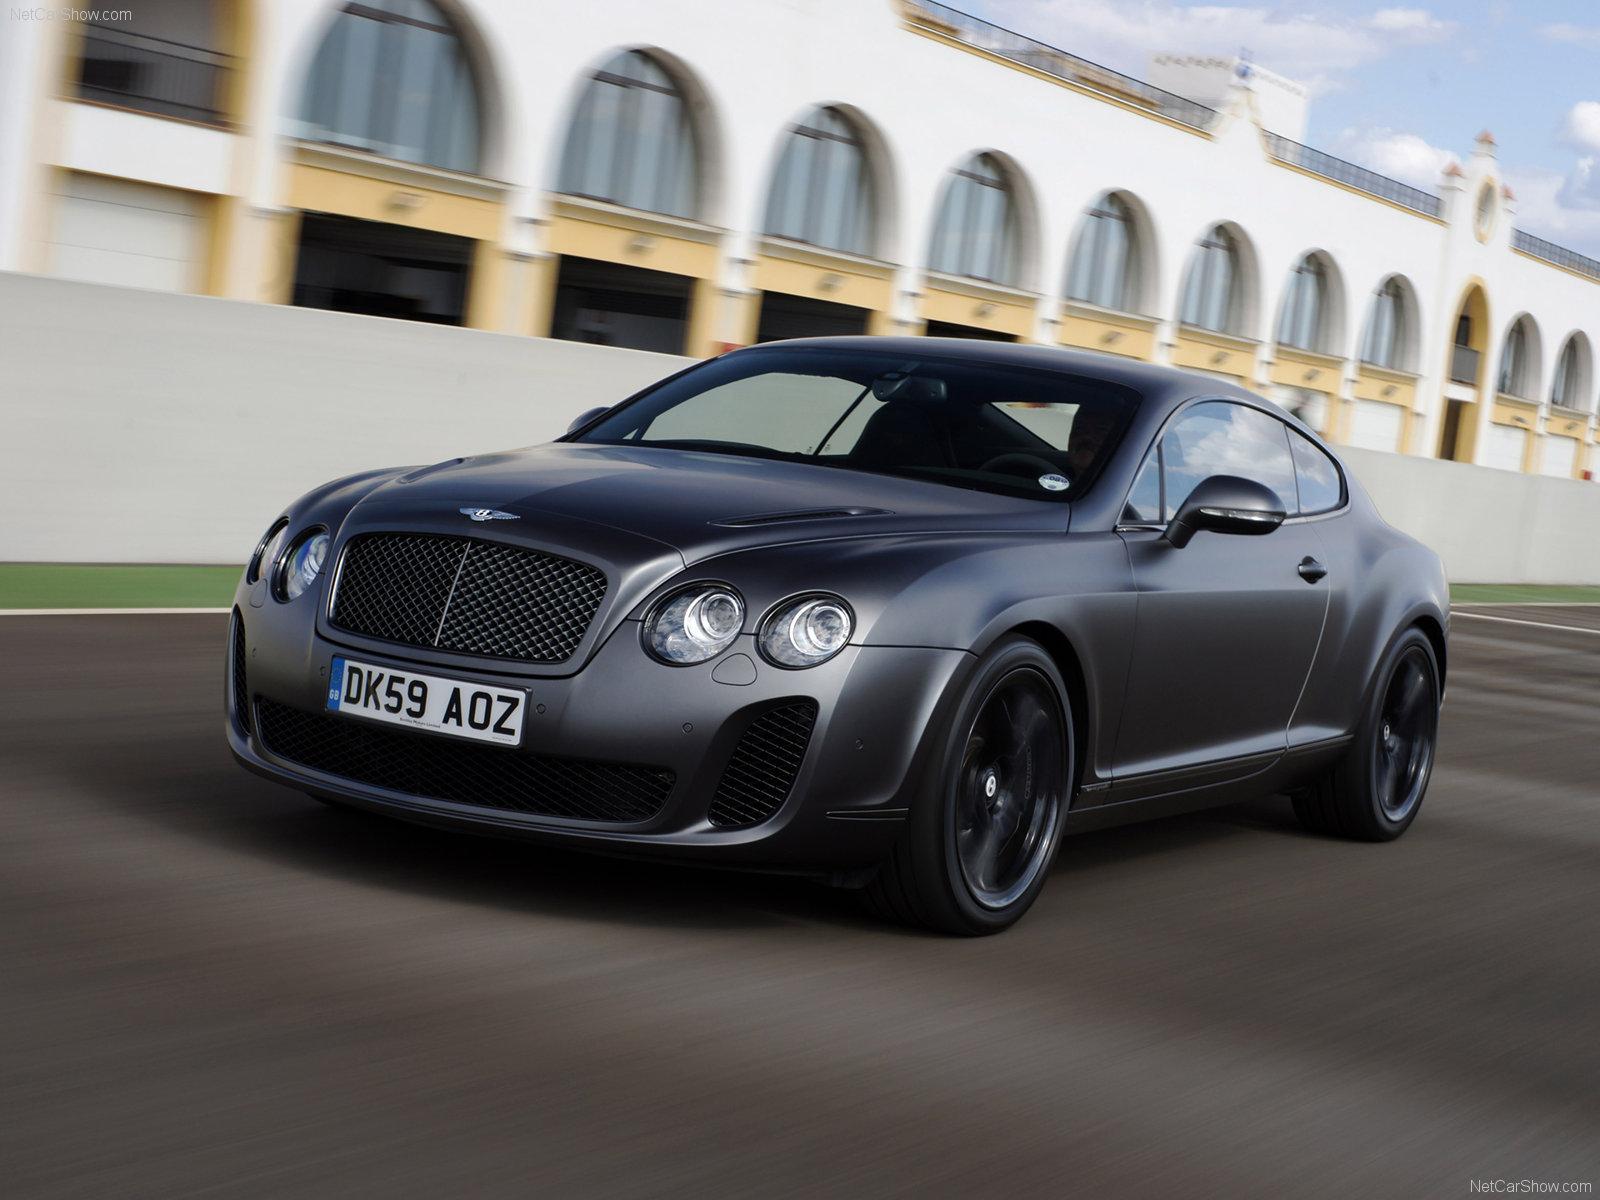 Lujo y altas prestaciones para el Bentley Continental Spuersports británico.